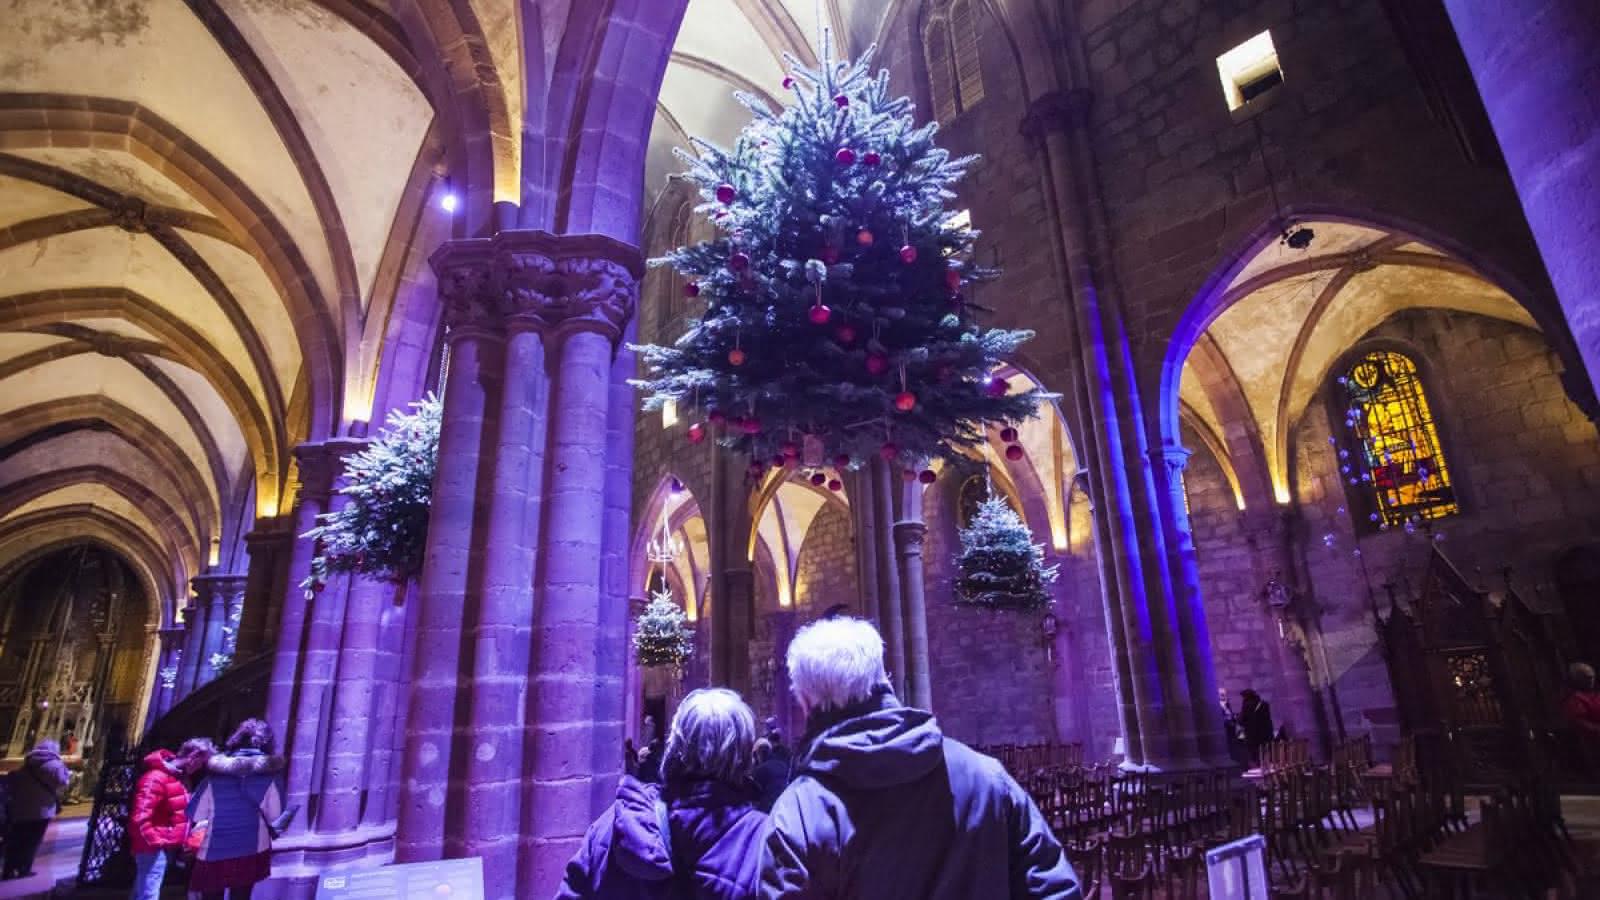 Geschichte Weihnachtsbaum.Ausstellung Die Geschichte Des Weihnachtsbaums Visit Alsace